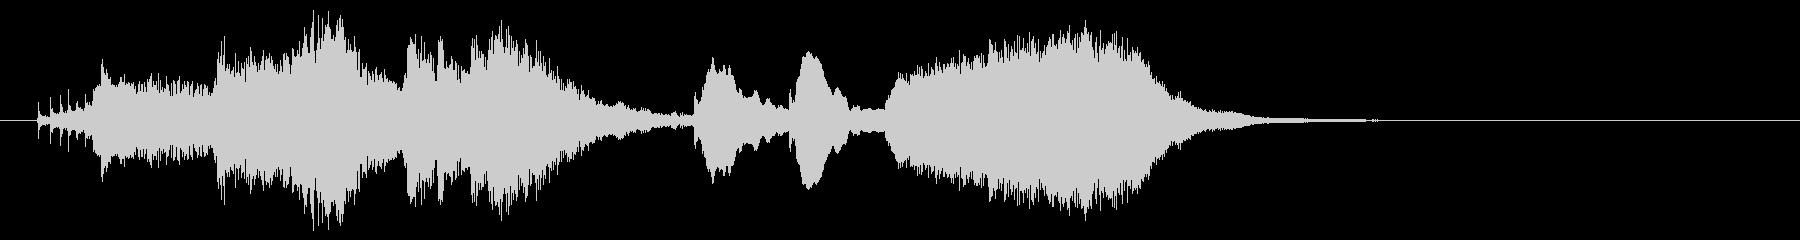 ひょっこりとしたオーケストラジングルの未再生の波形